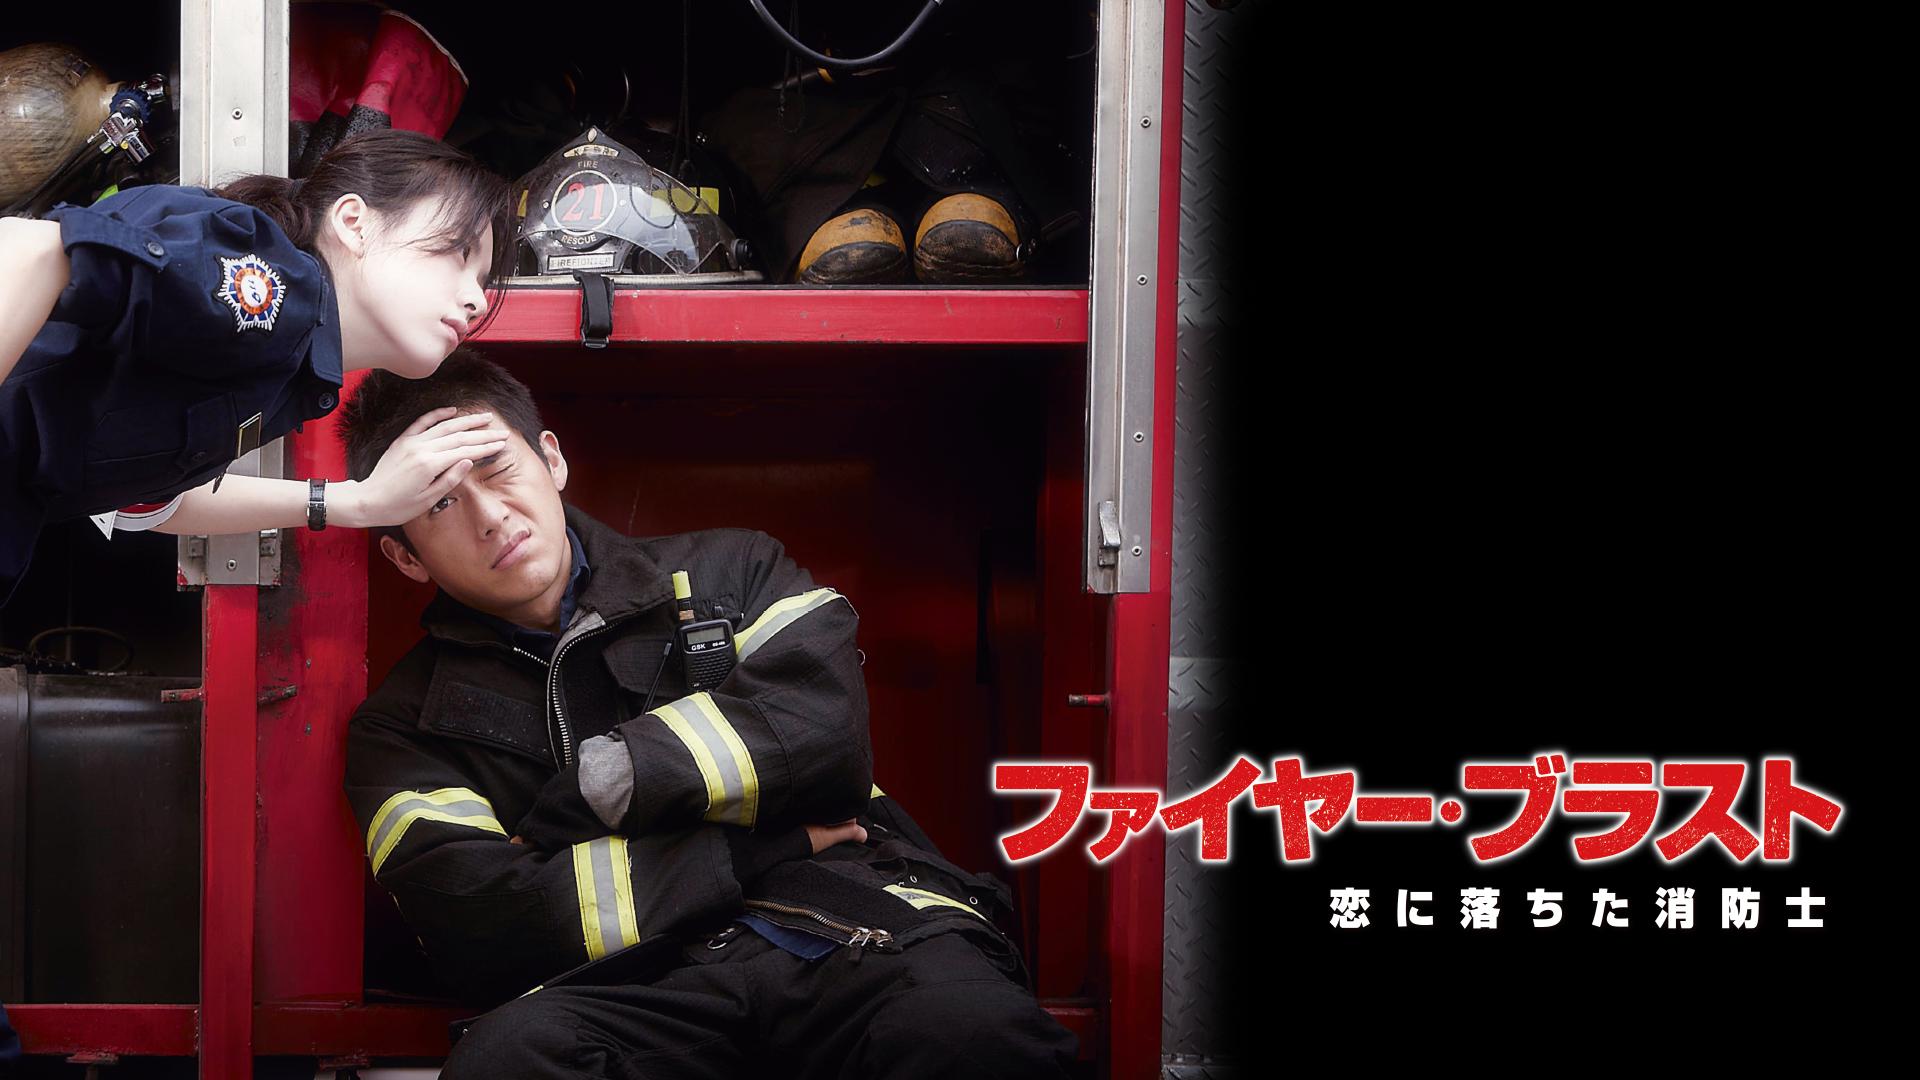 ファイヤ-ブラスト 恋に落ちた消防士(字幕版)